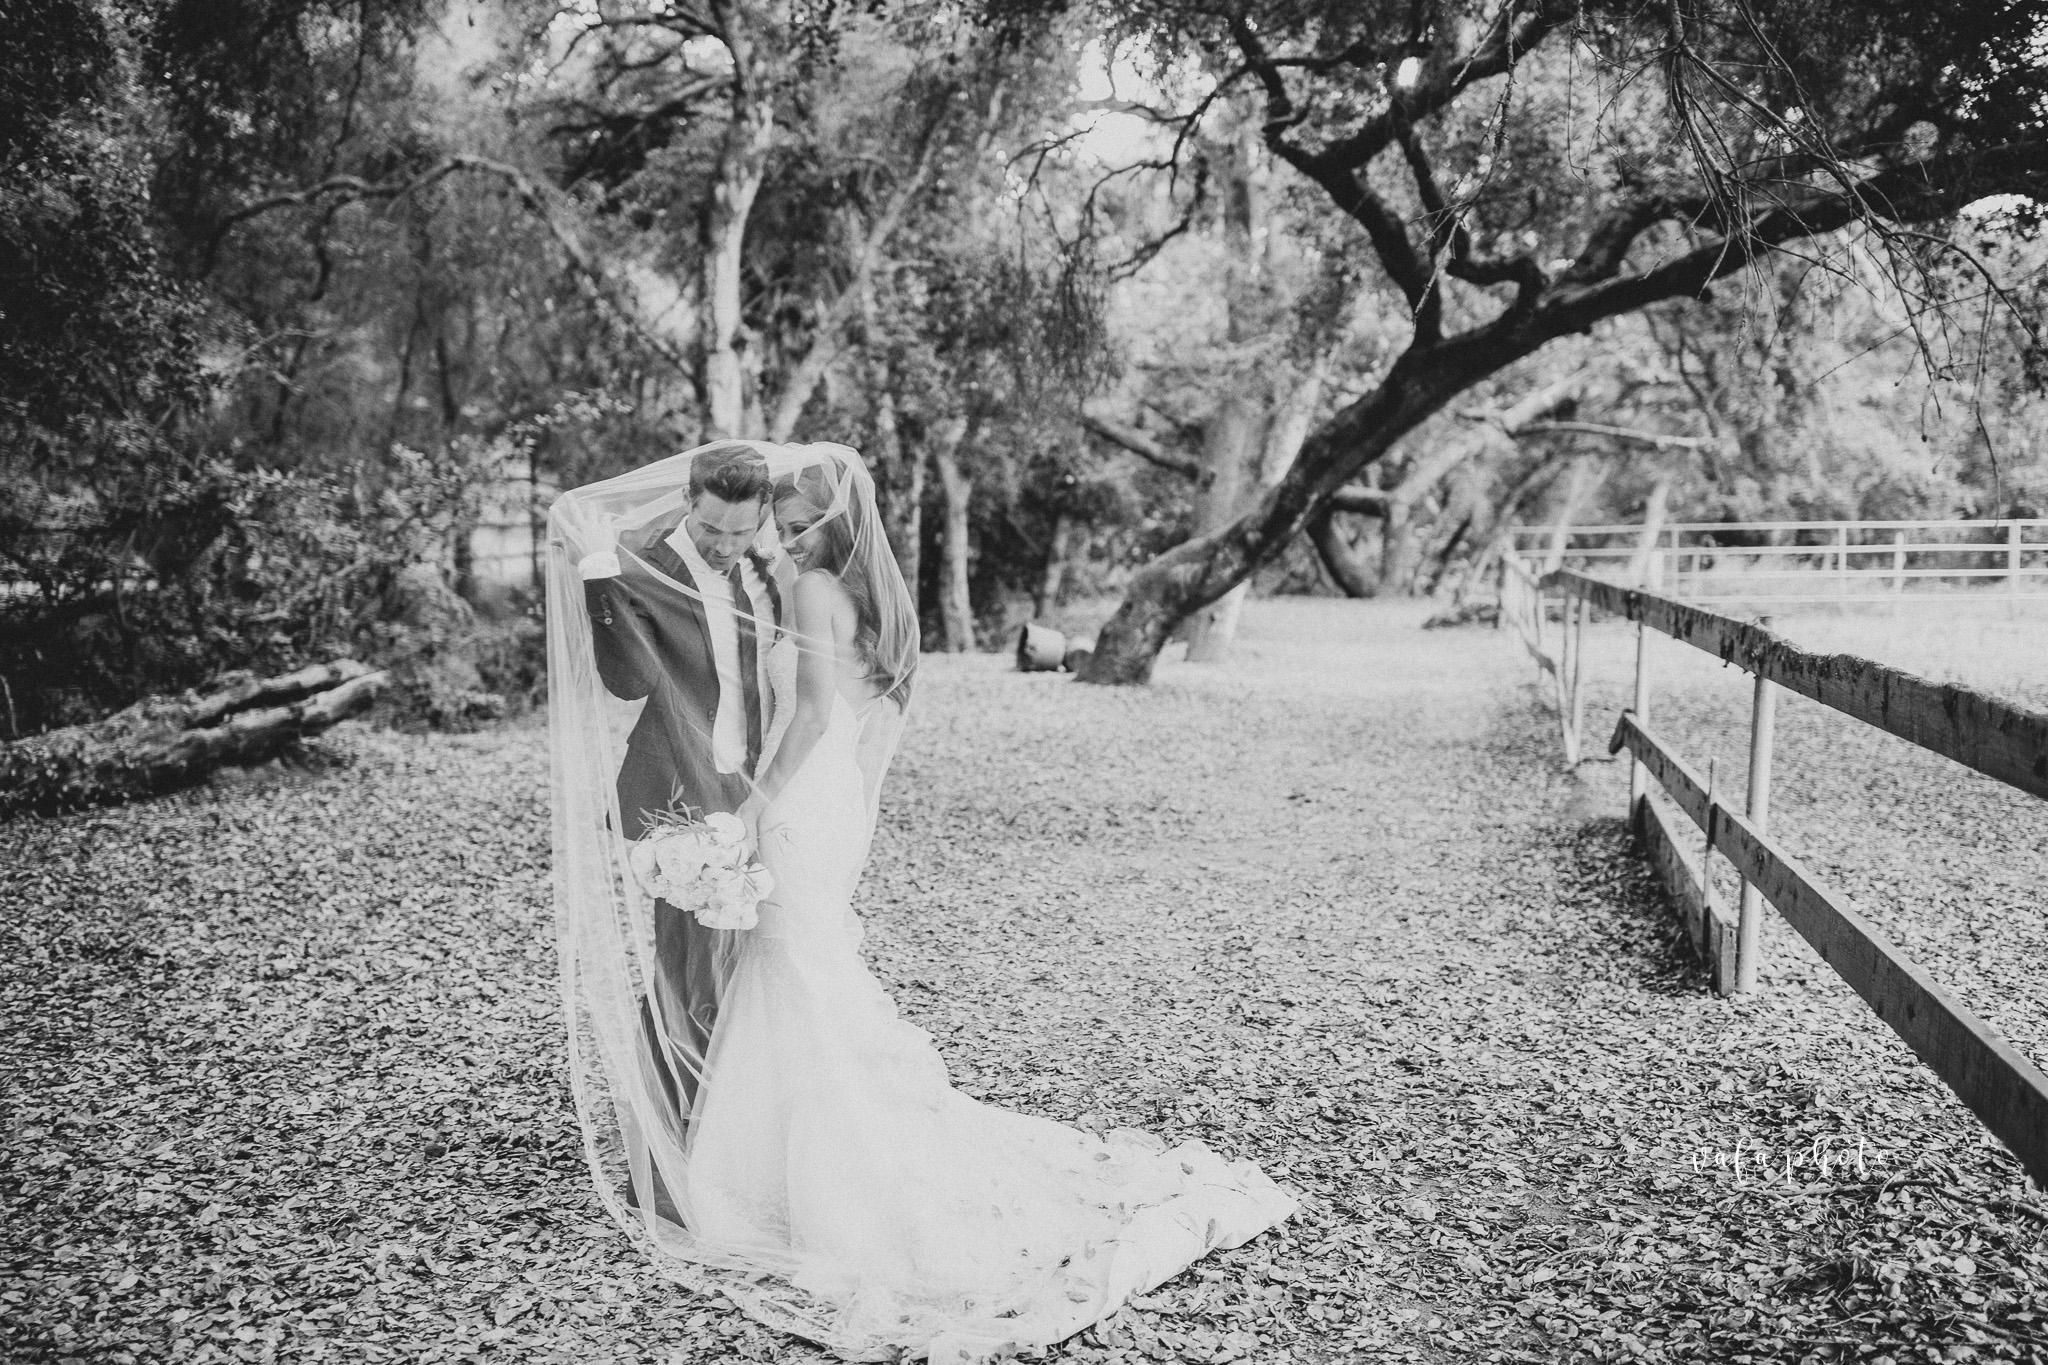 Southern-California-Wedding-Britt-Nilsson-Jeremy-Byrne-Vafa-Photo-577.jpg